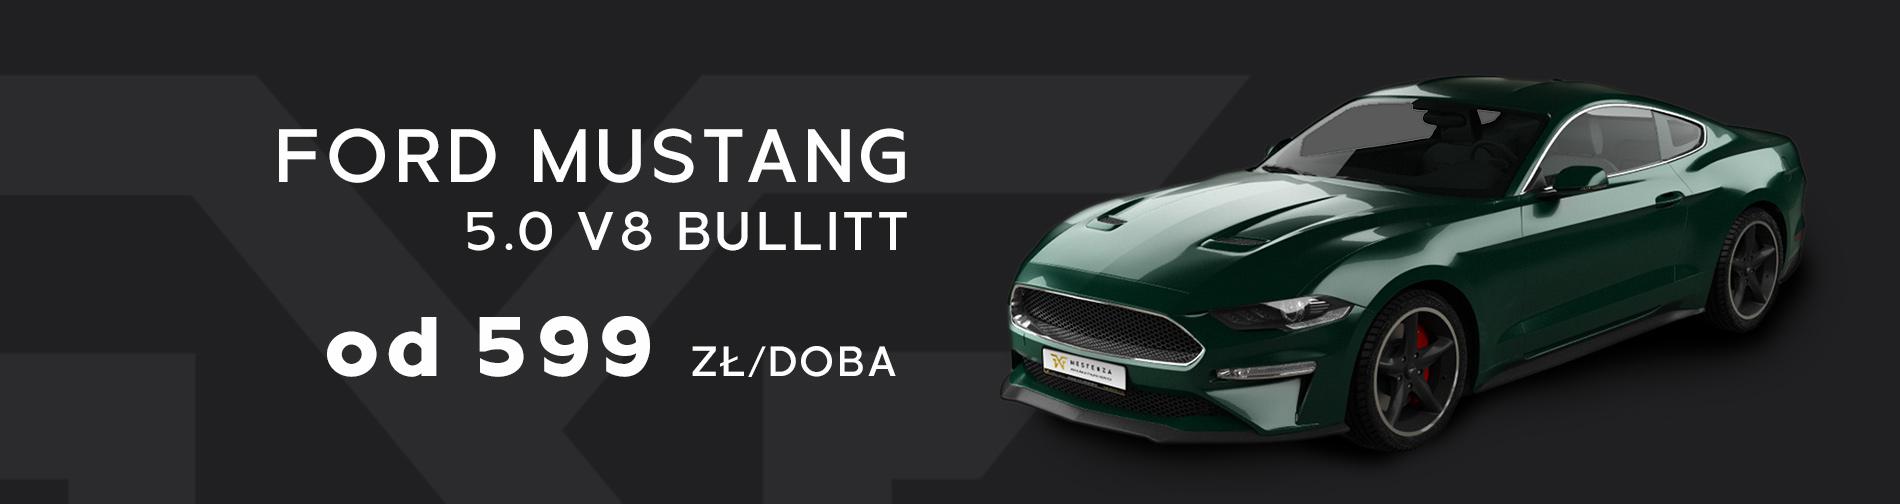 Ford Mustang Bullitt Wynajem samochodów w promocji taniej Trójmiasto